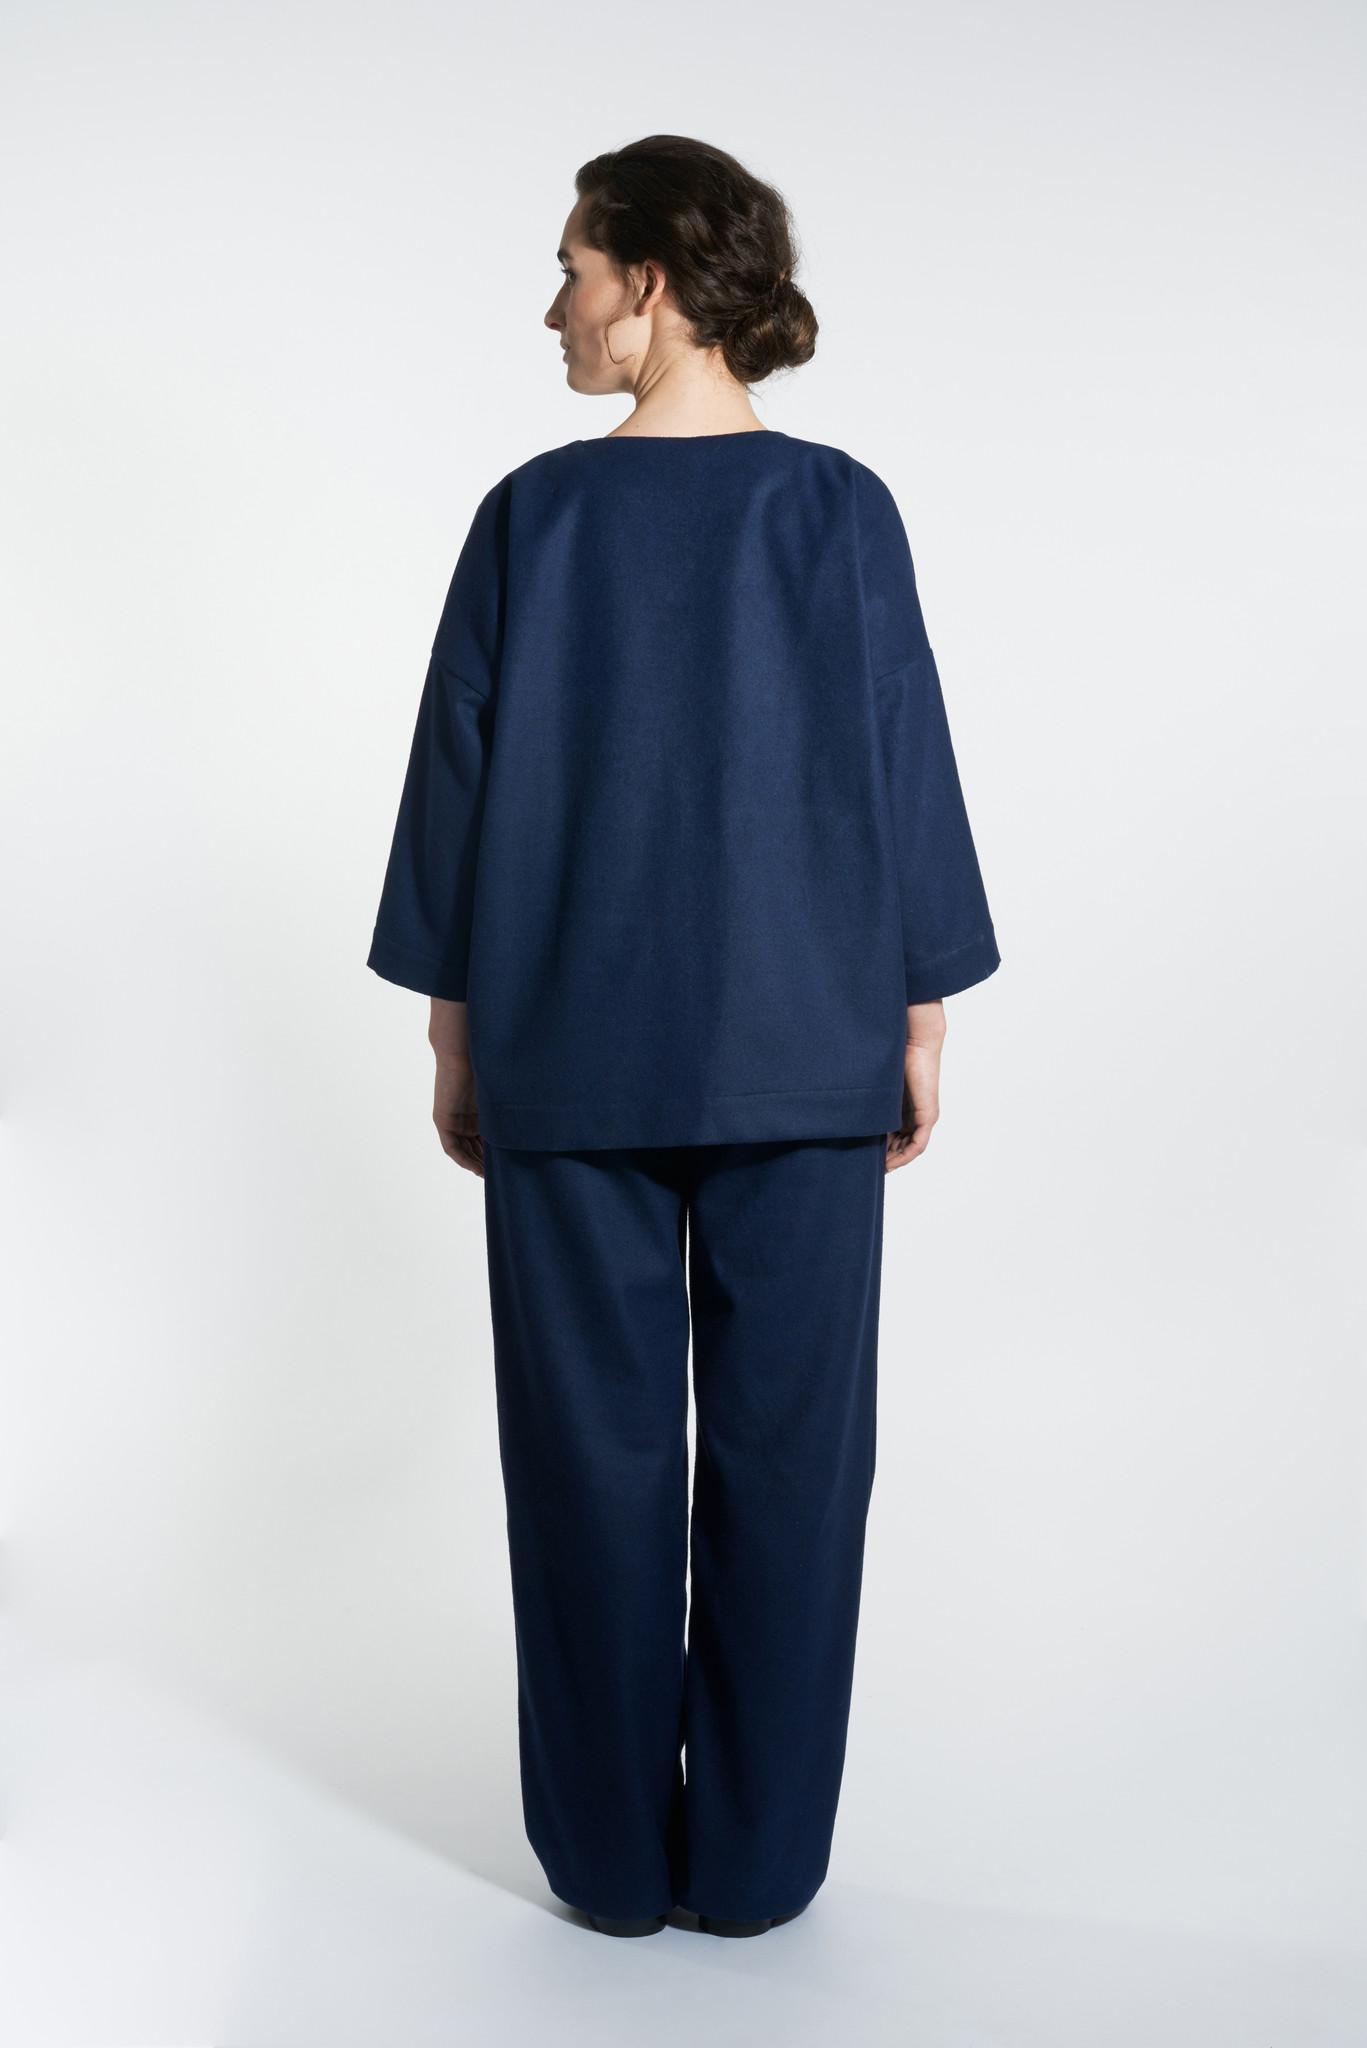 Kimono Jacke aus Wollmix - Navy-3